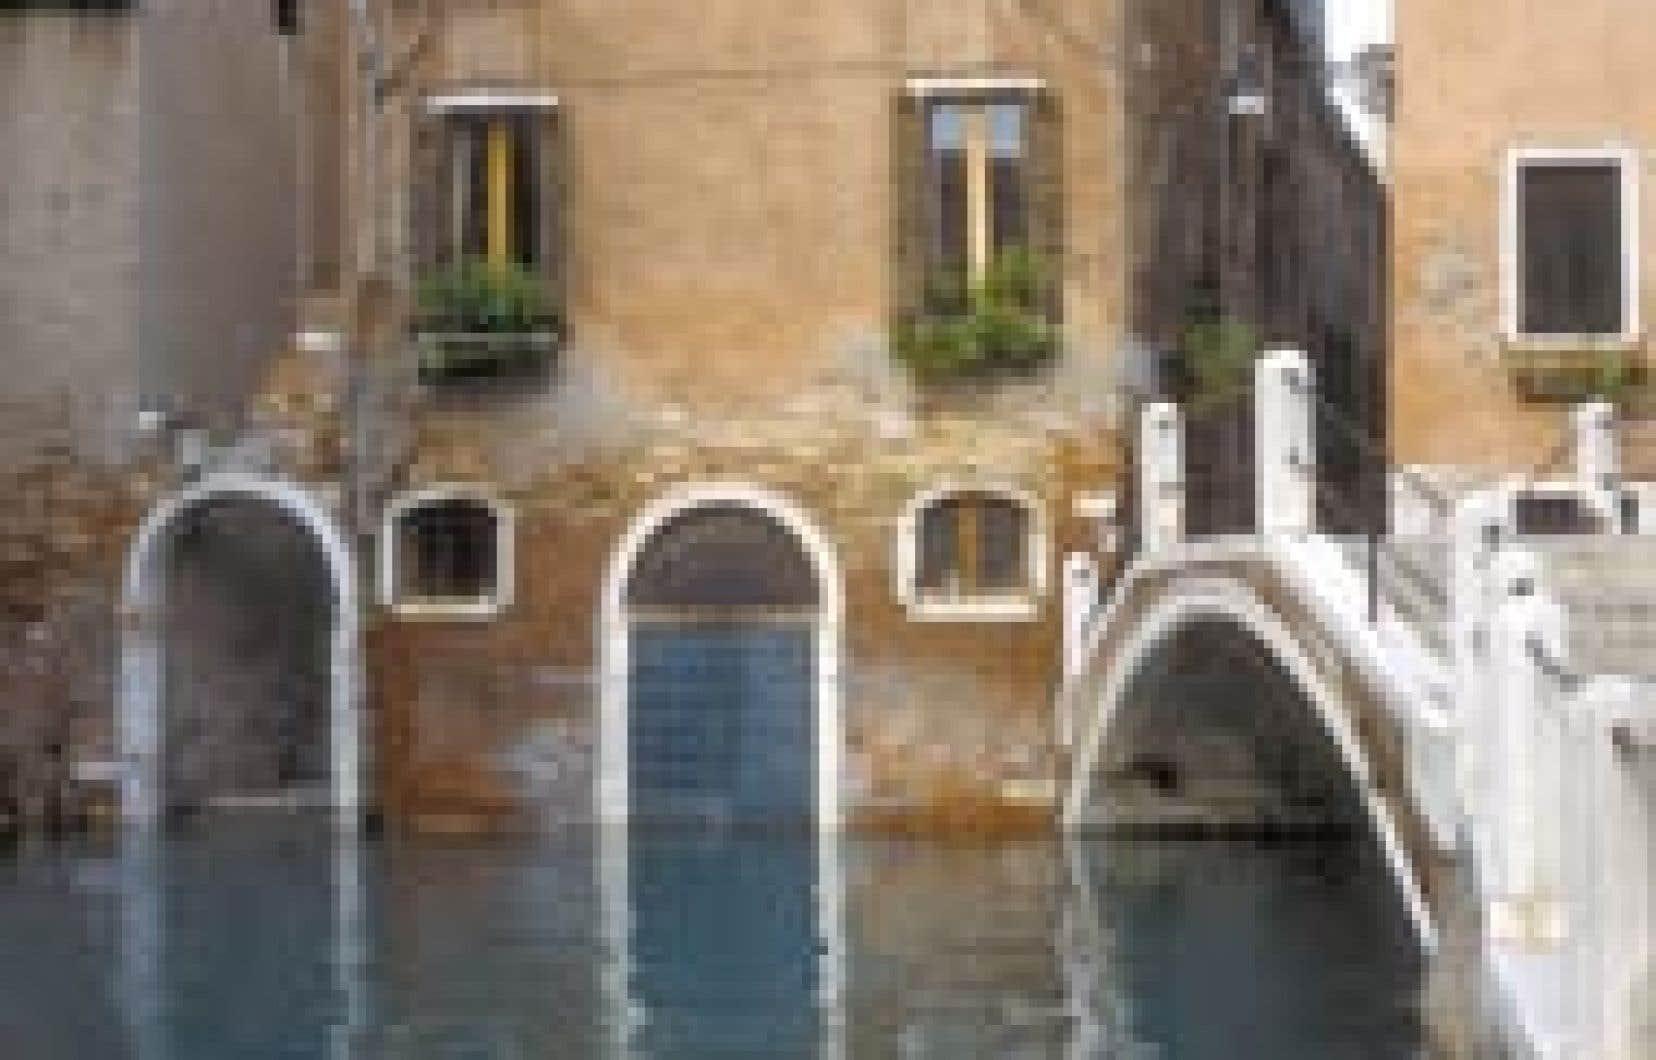 Venise est unique par son plan: deux réseaux de canaux et de rues piétonnes se croisant au niveau des 400 ponts.